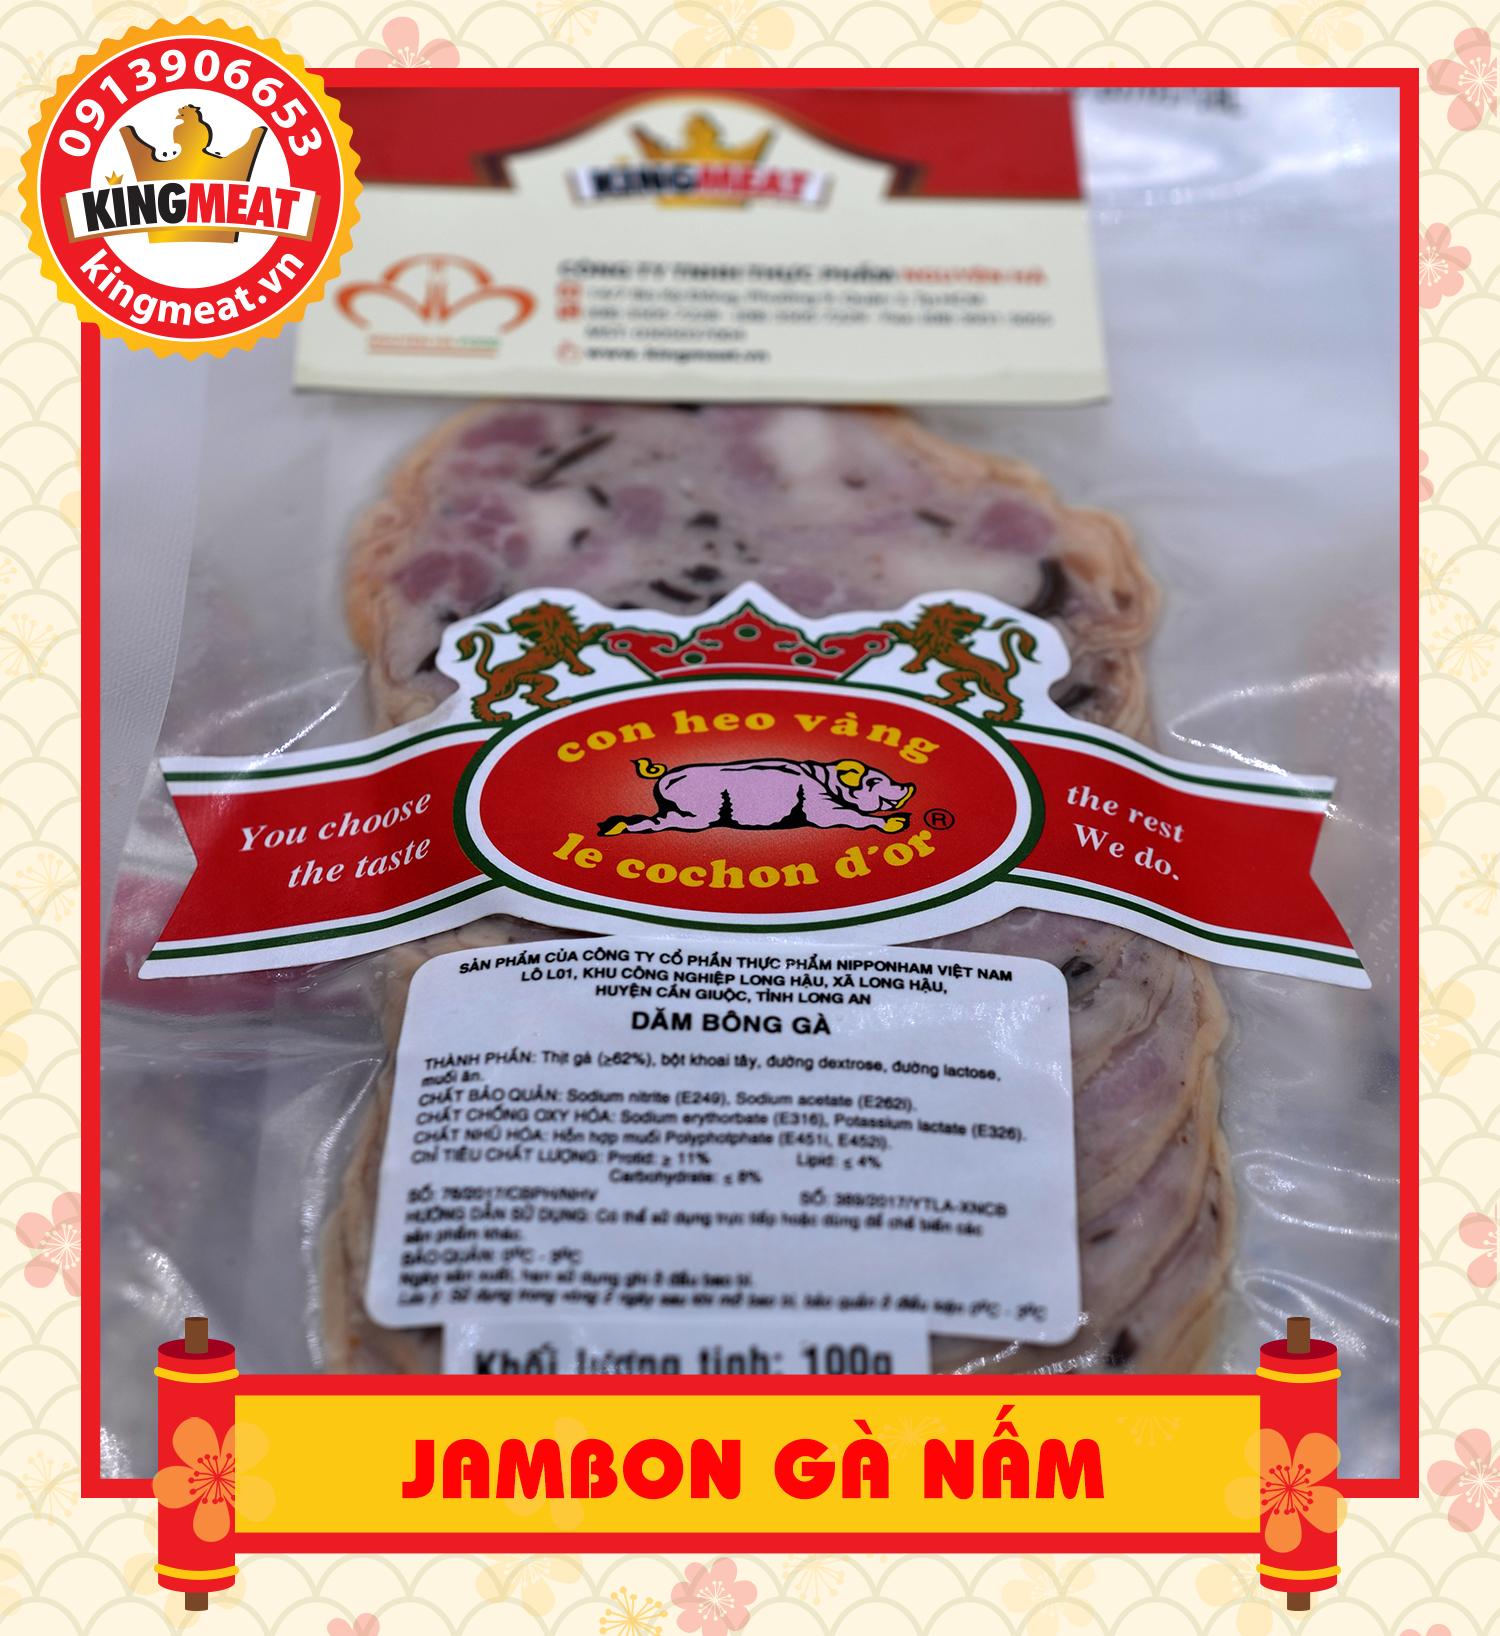 jambon gà nấm